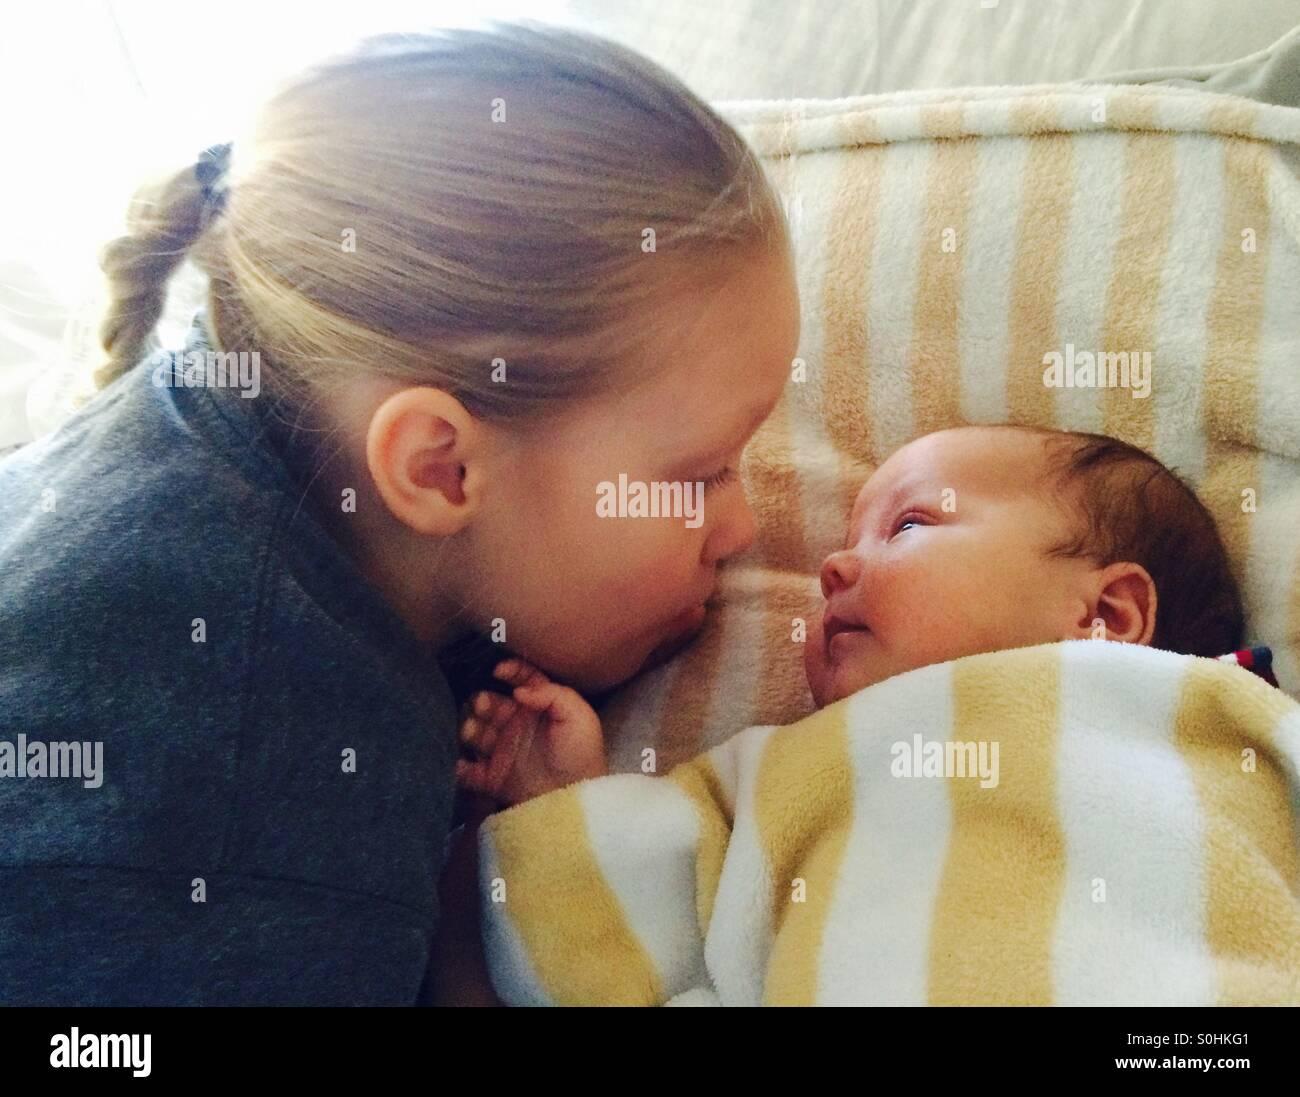 Chica busca a su hermano bebé Imagen De Stock